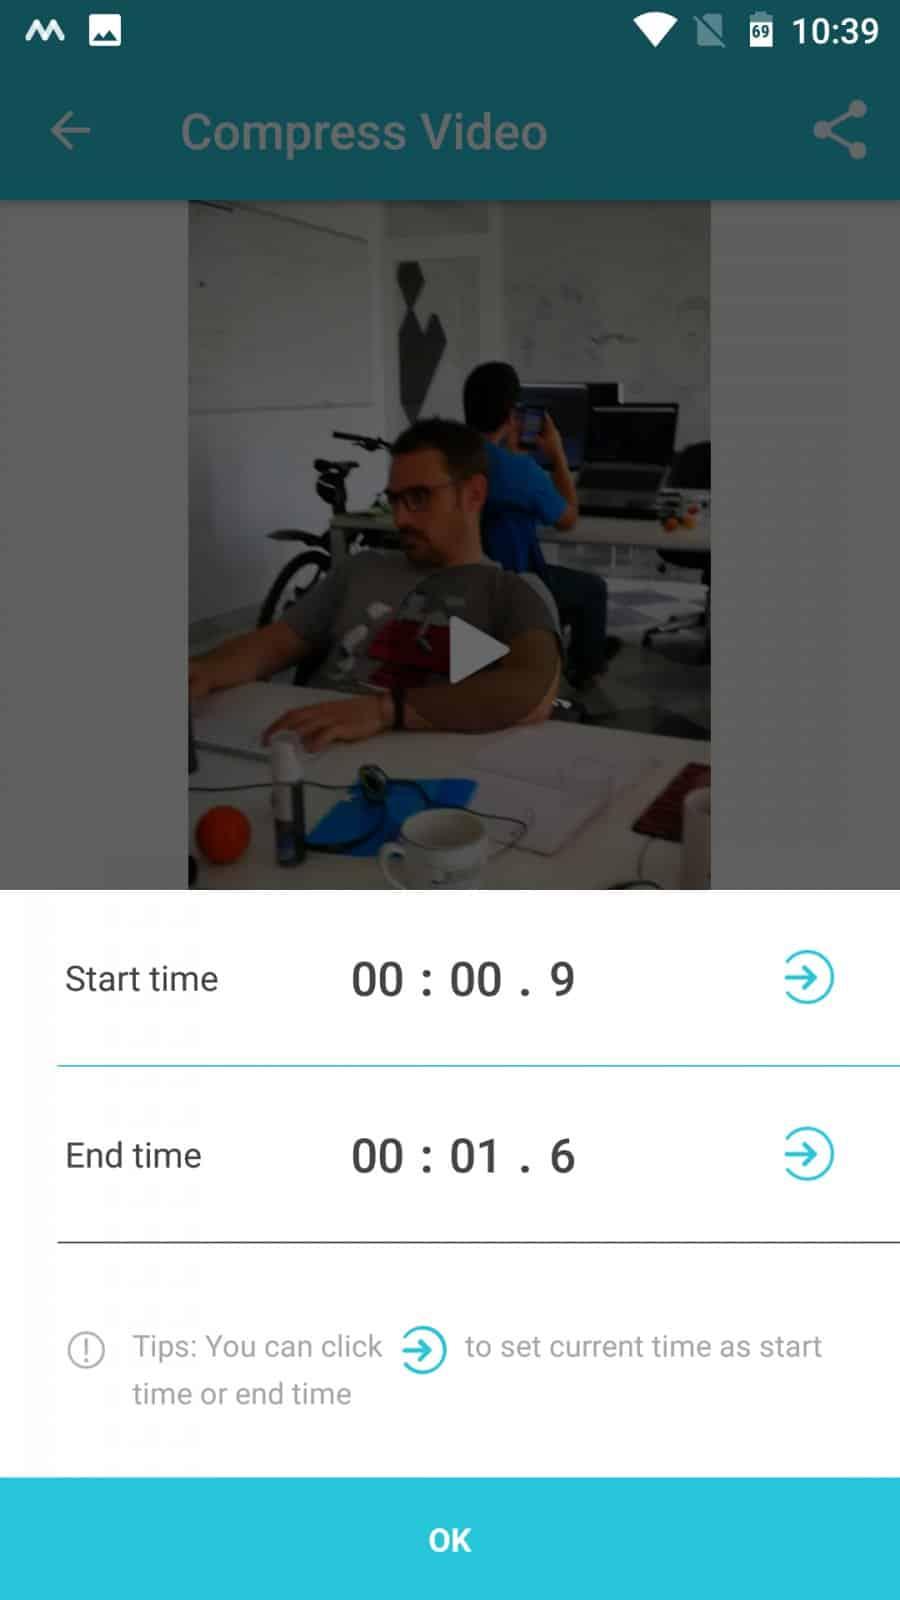 برنامج ضغط الفيديو مع الحفاظ على الجودة